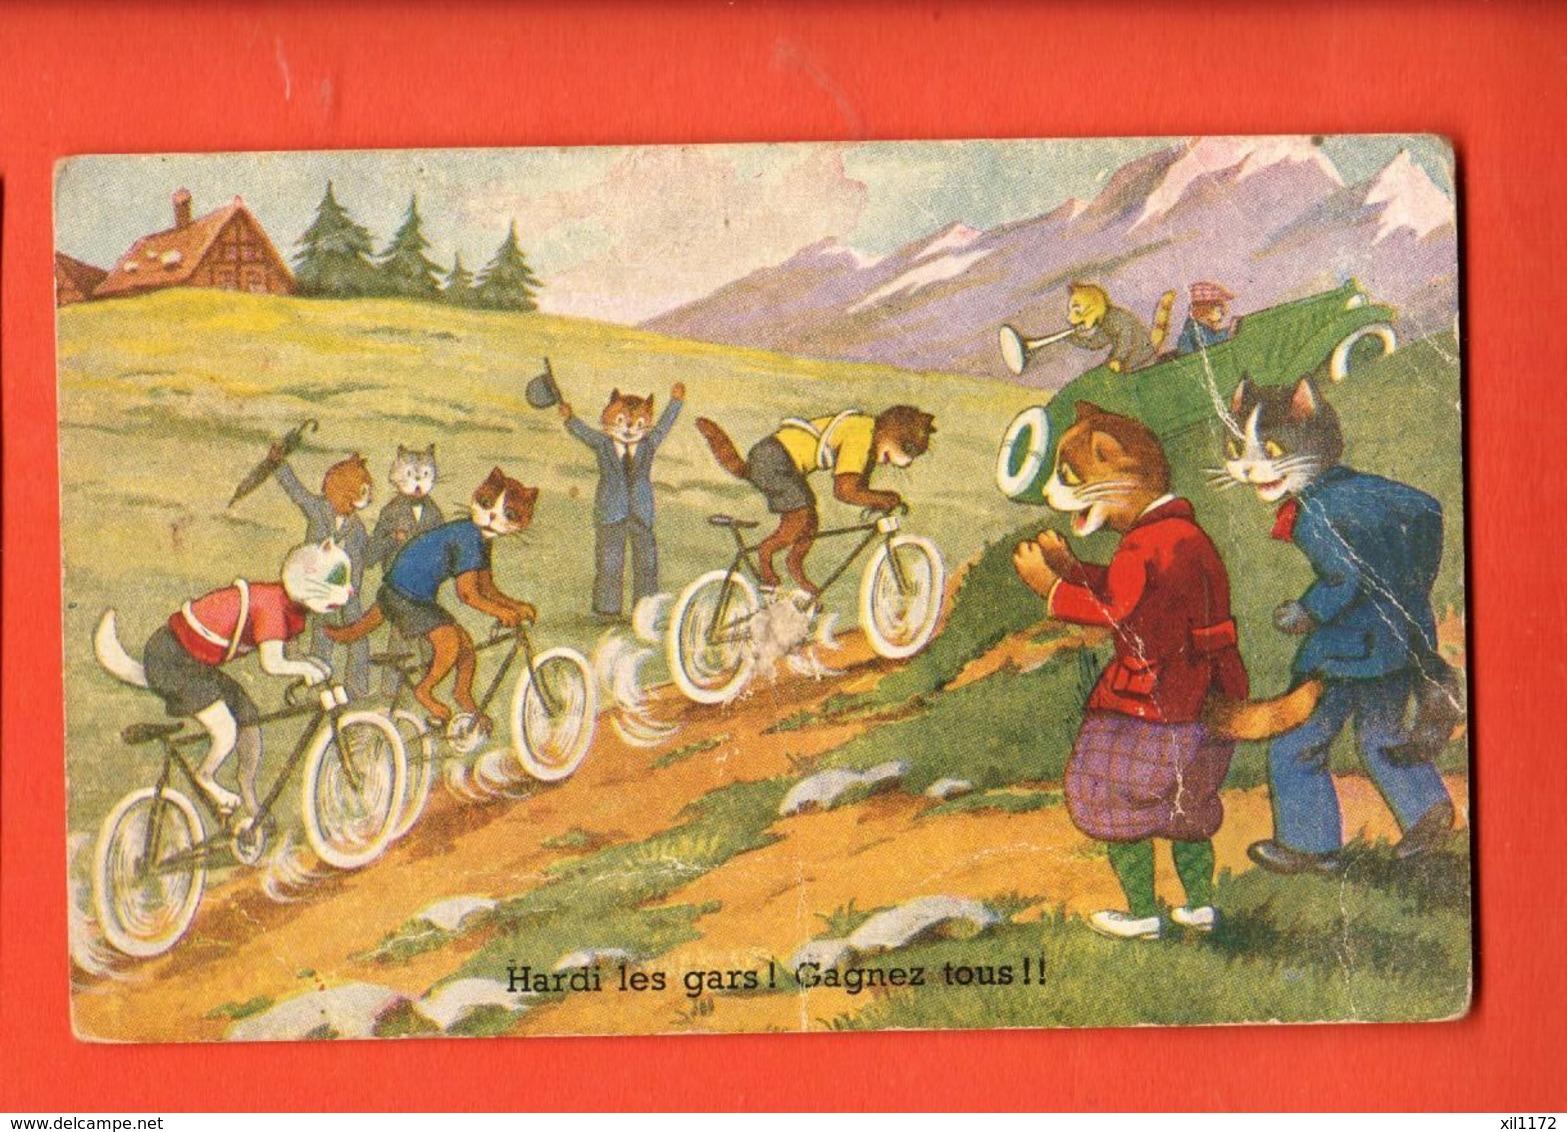 KAH-31 Animaux Humanisés Course à Vélo, Cyclisme, Tour De France. Circulé Sous Enveloppe Depuis Angoulème En 1946, - Animali Abbigliati